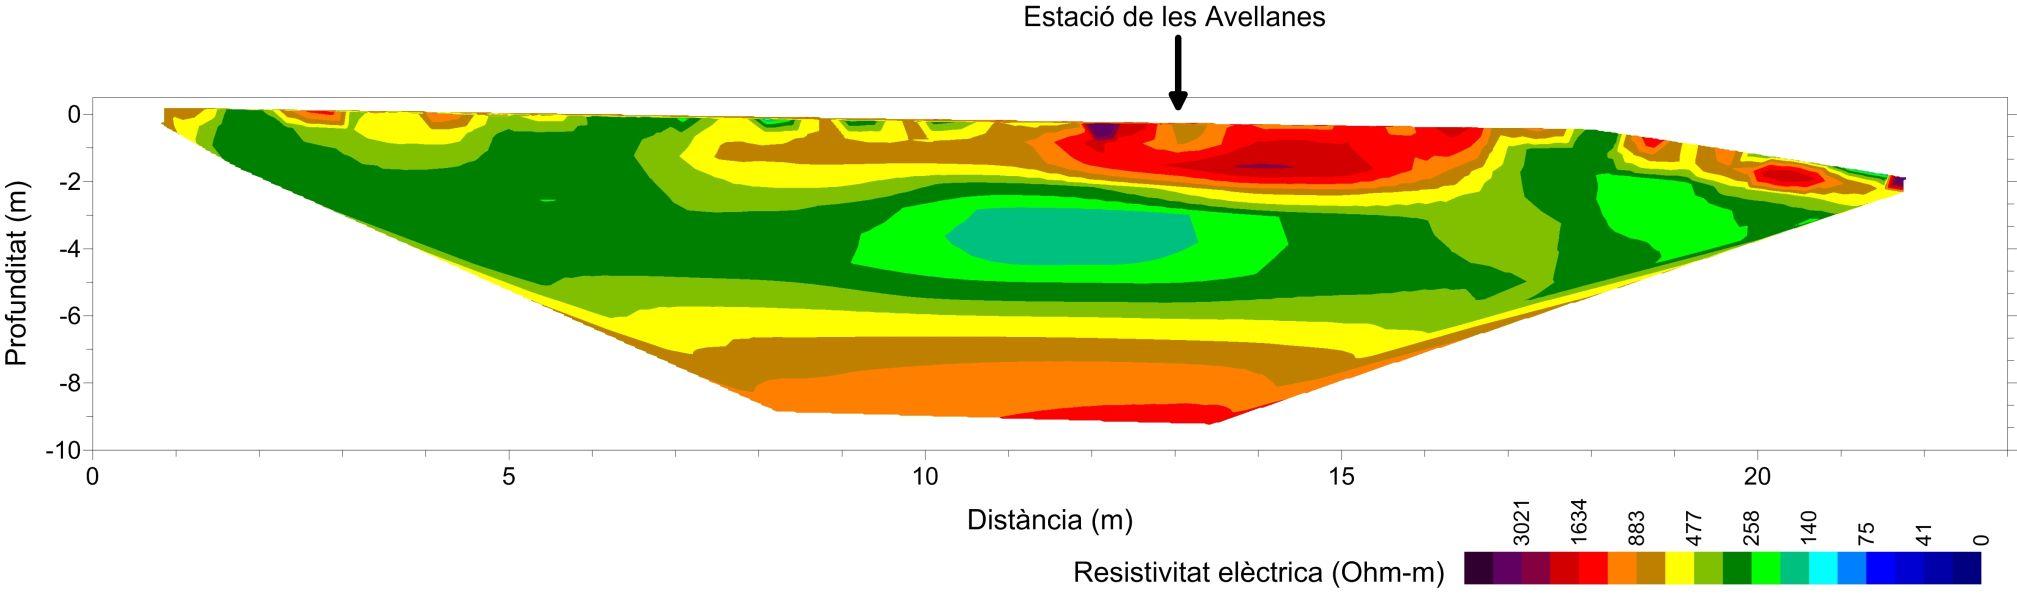 Model superficial de resistivitat elèctrica amb la ubicació del pou sísmic de Les Avellanes.